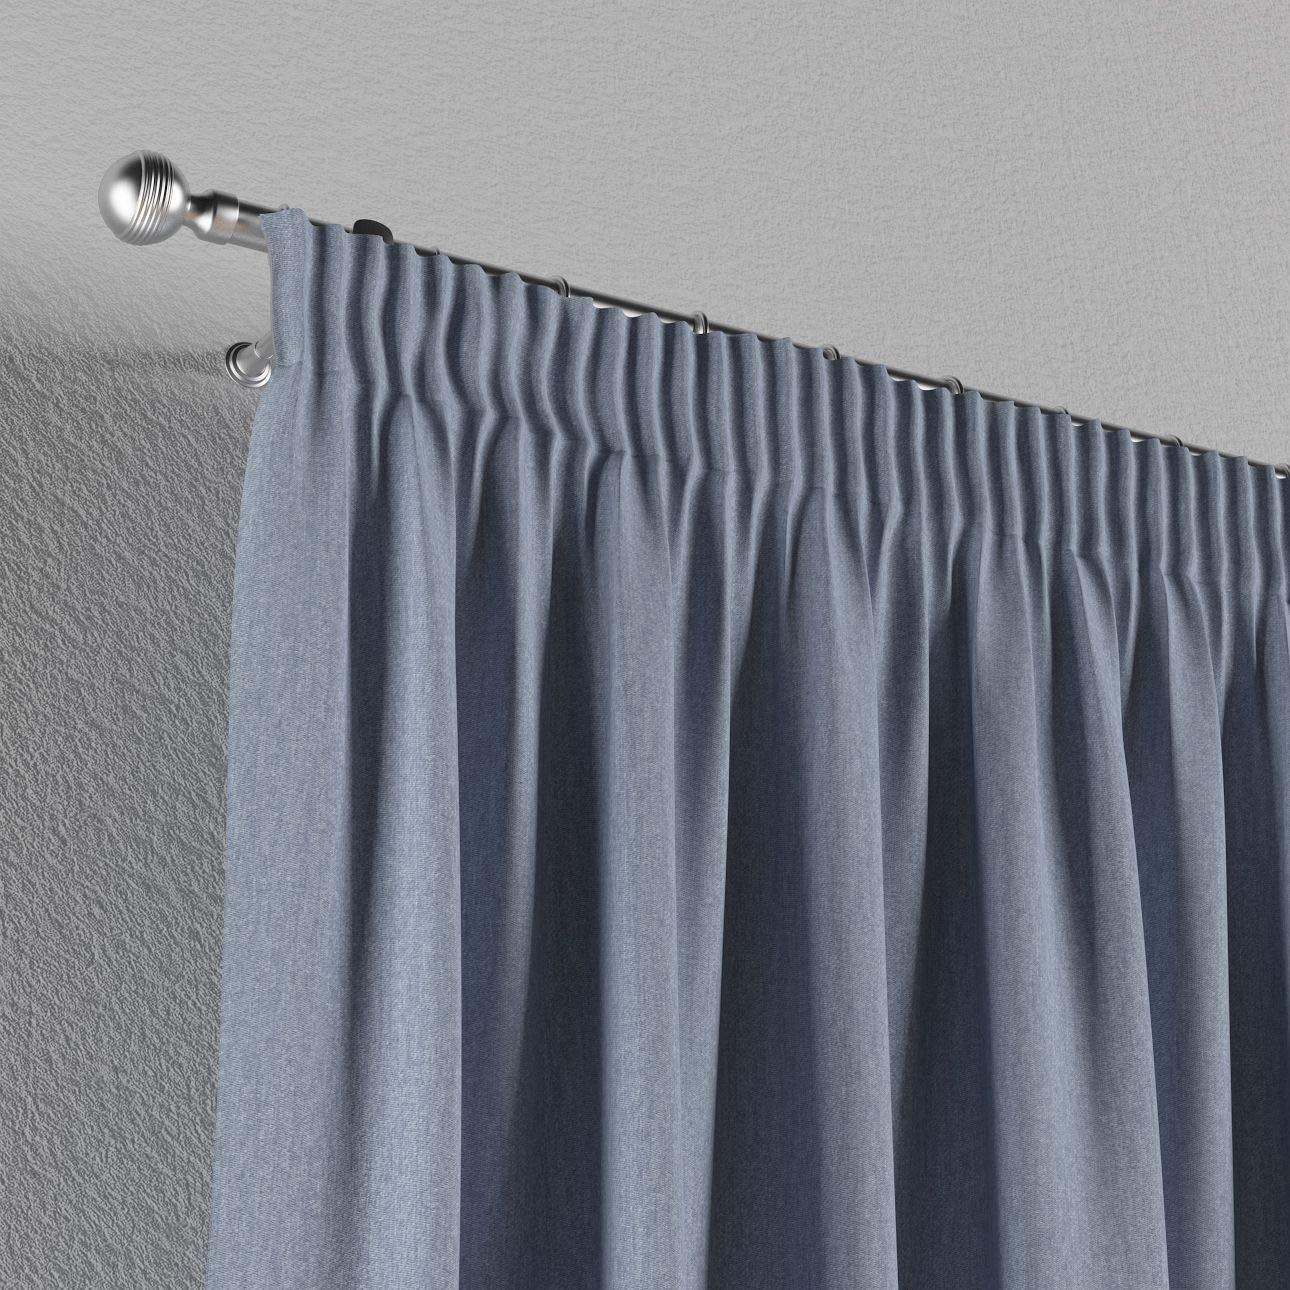 130 /× 260 cm Silber Dekoria Vorhang mit Kr/äuselband Dekoschal Blickdicht 1 Stck blau Ma/ßanfertigung m/öglich